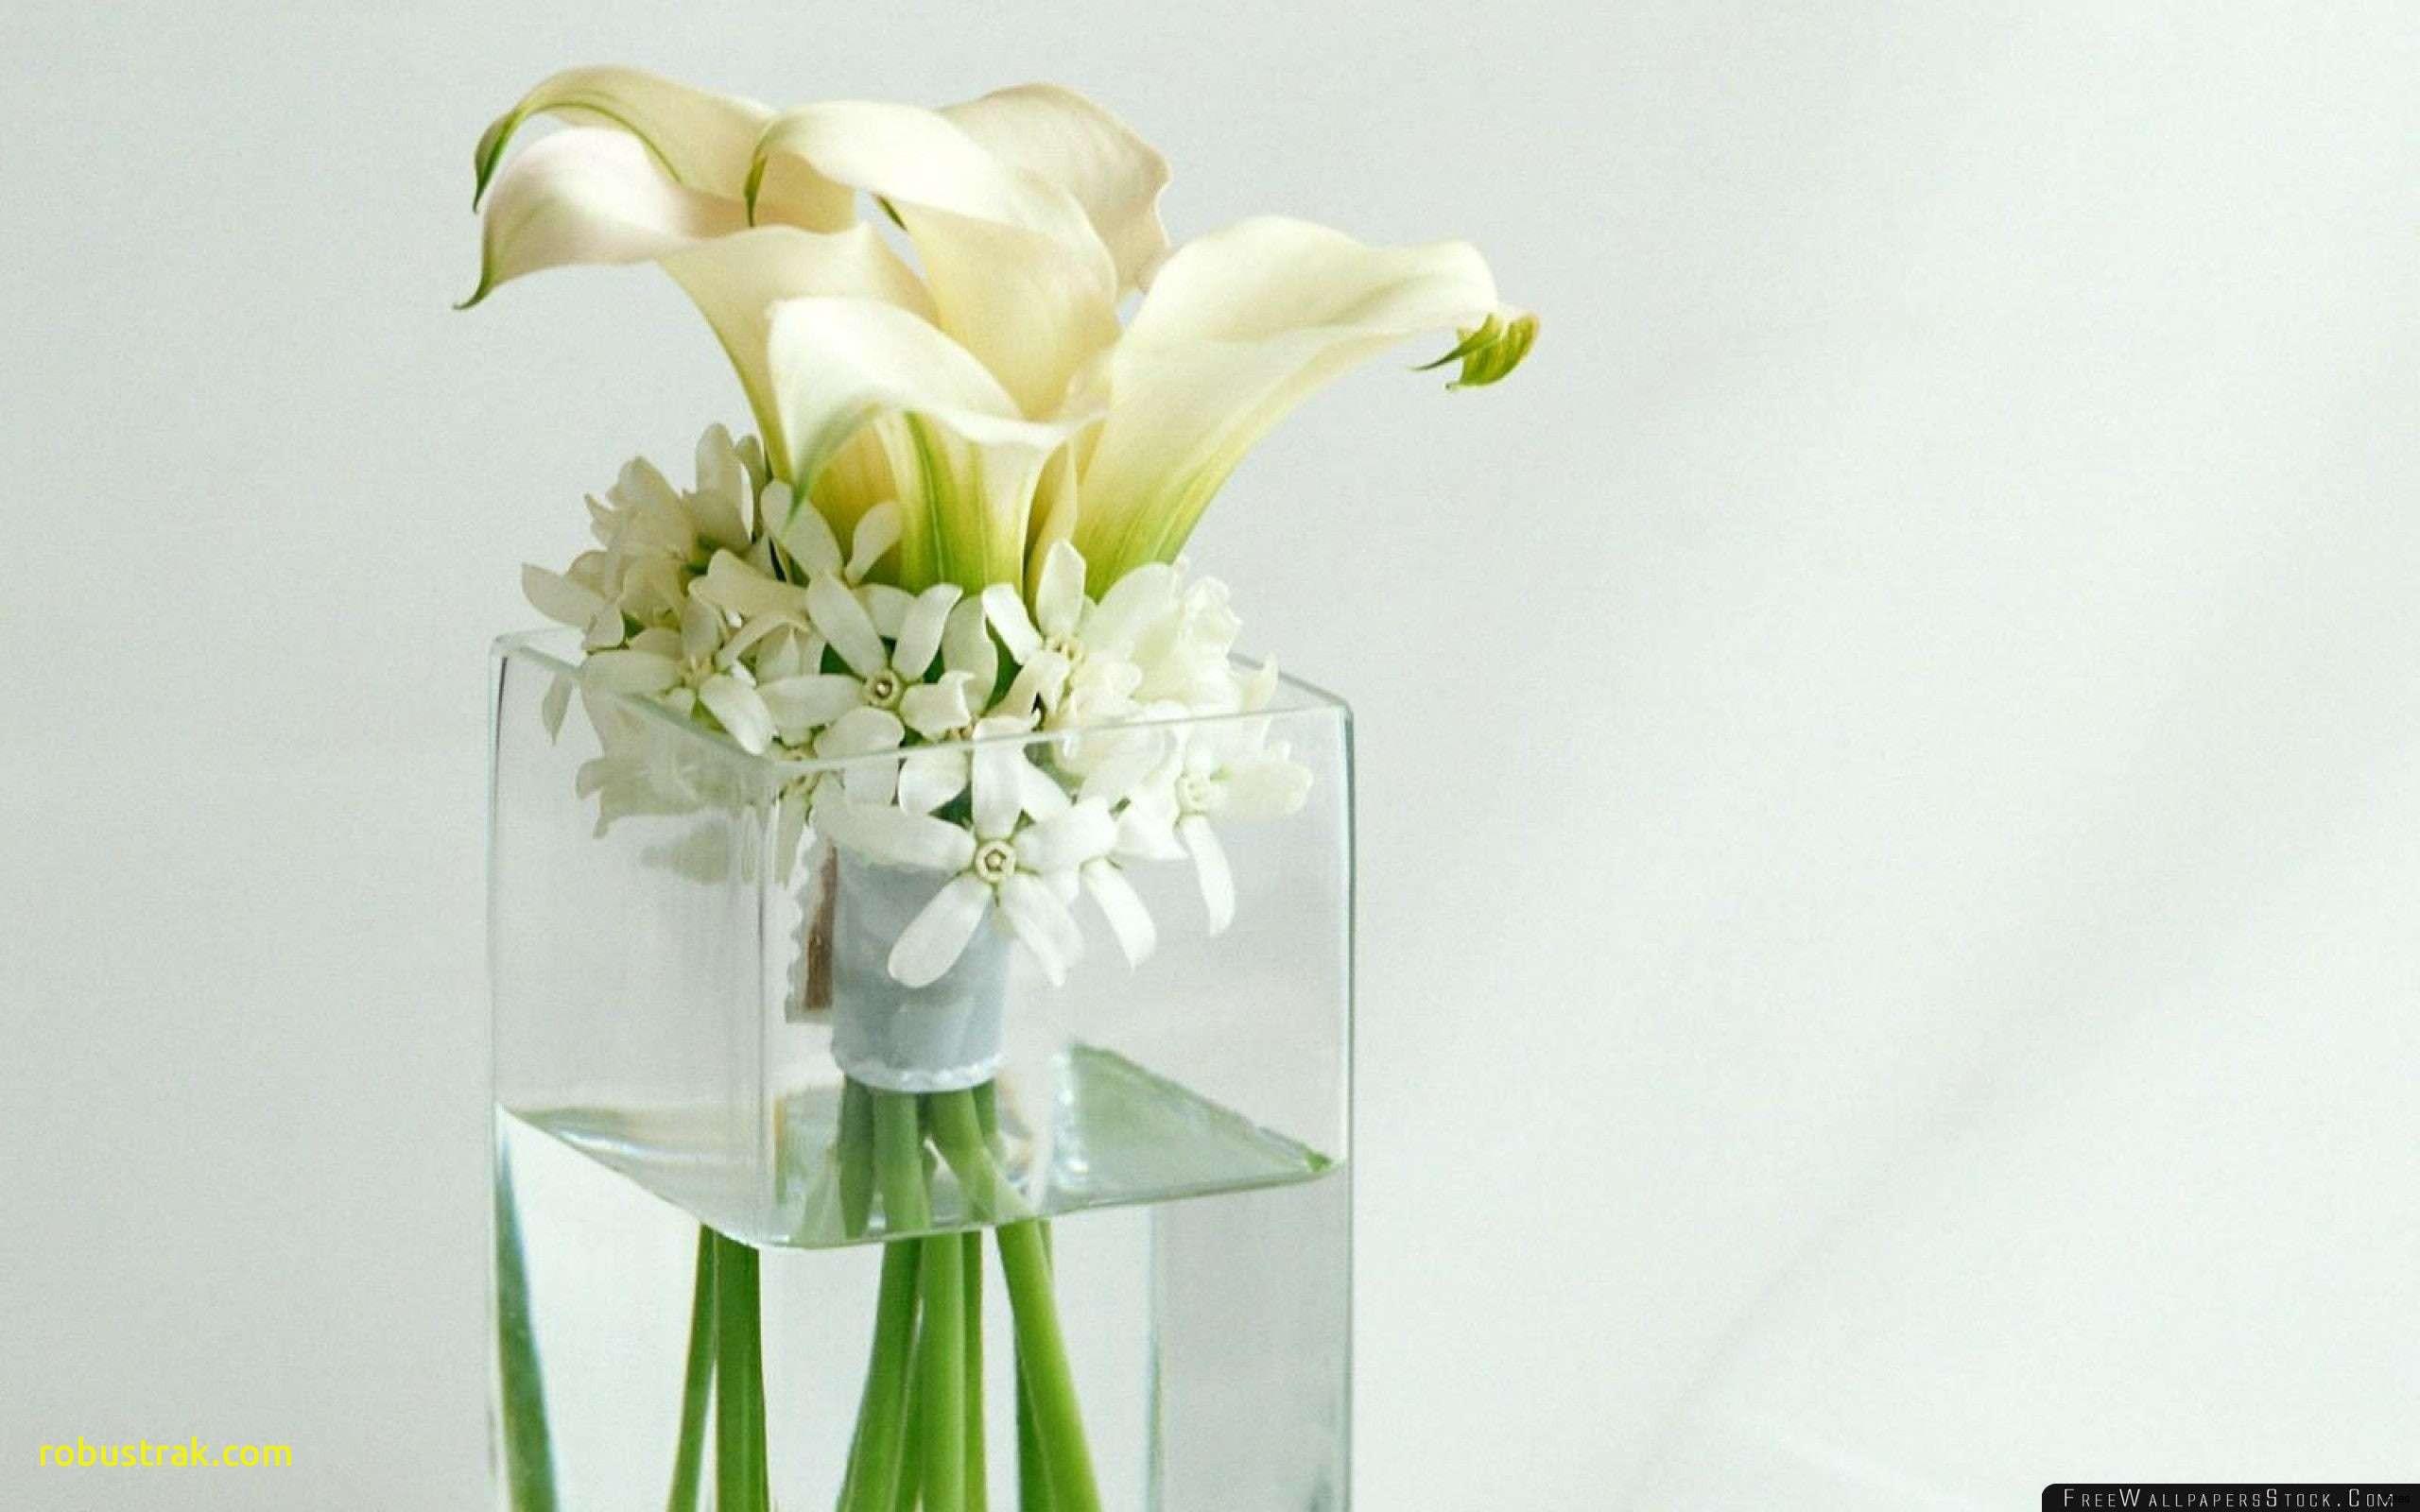 Round Vase Flower Arrangements Of 10 Fresh Large Indoor Decorative Floor Vases Bogekompresorturkiye Com Throughout Tall Vase Centerpiece Ideas Vases Flowers In Water 0d Artificial Design Ideas Flower Garland Ebay